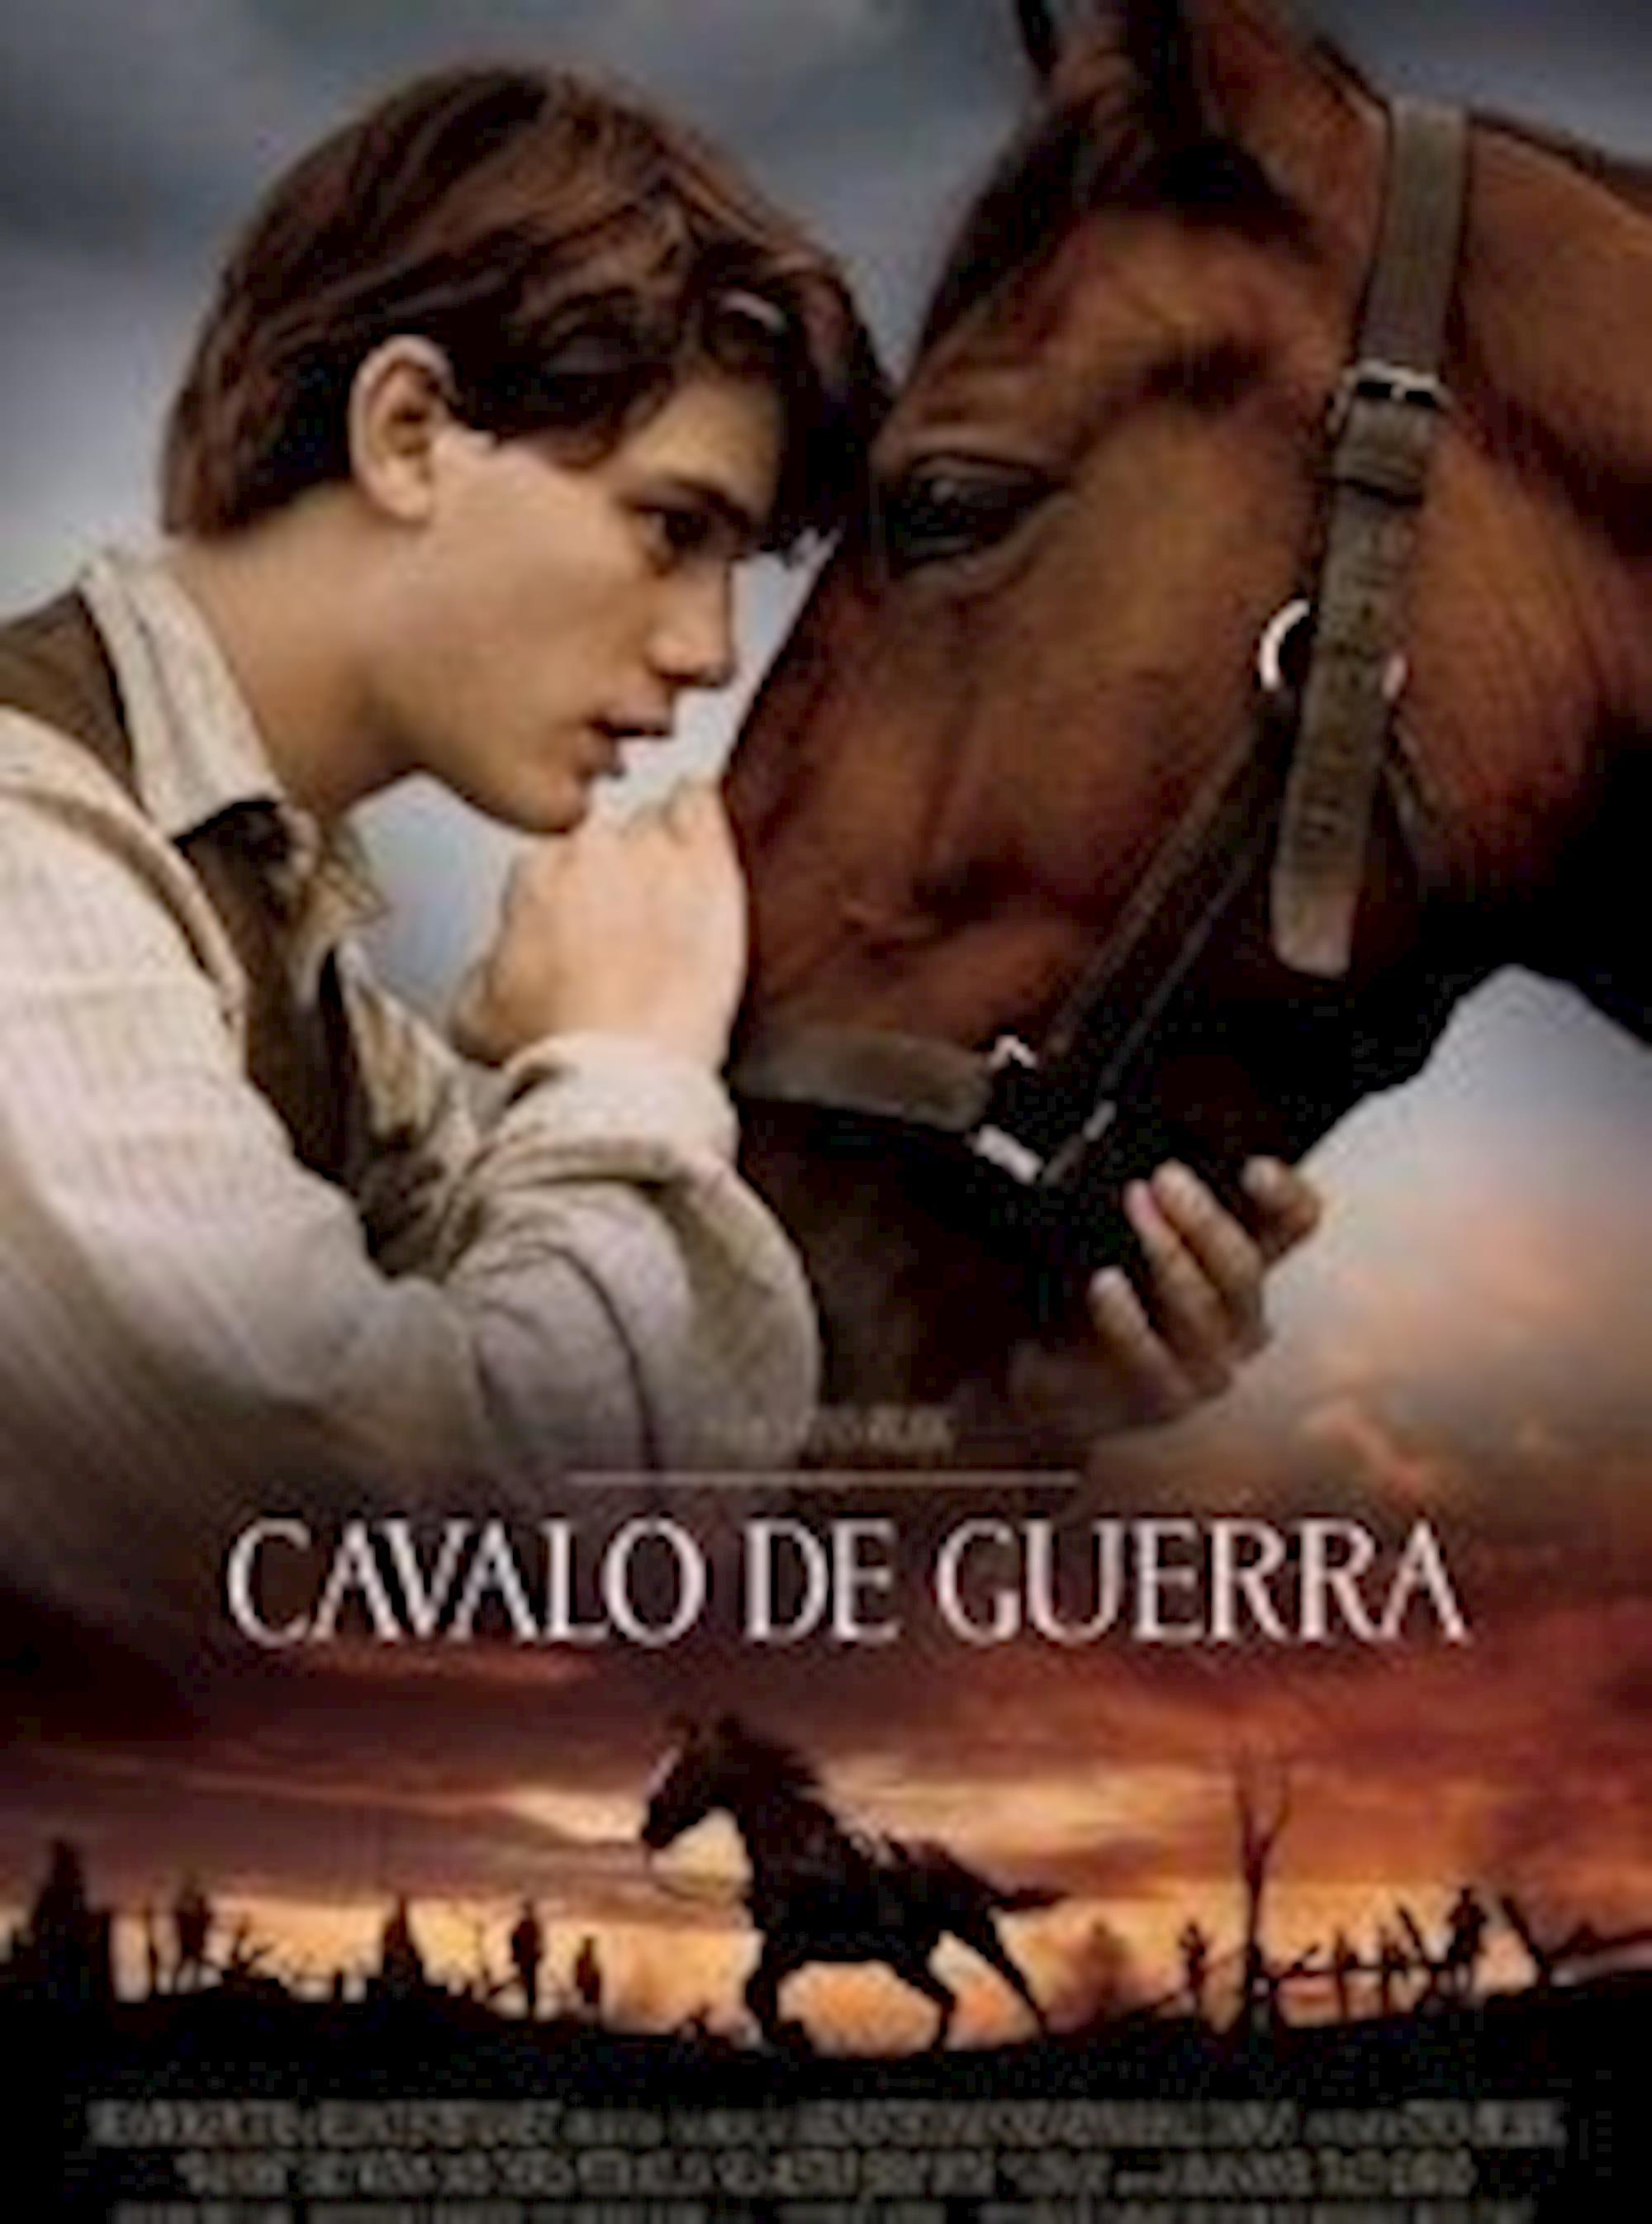 filmes de cavalos, cavalos de guerra,